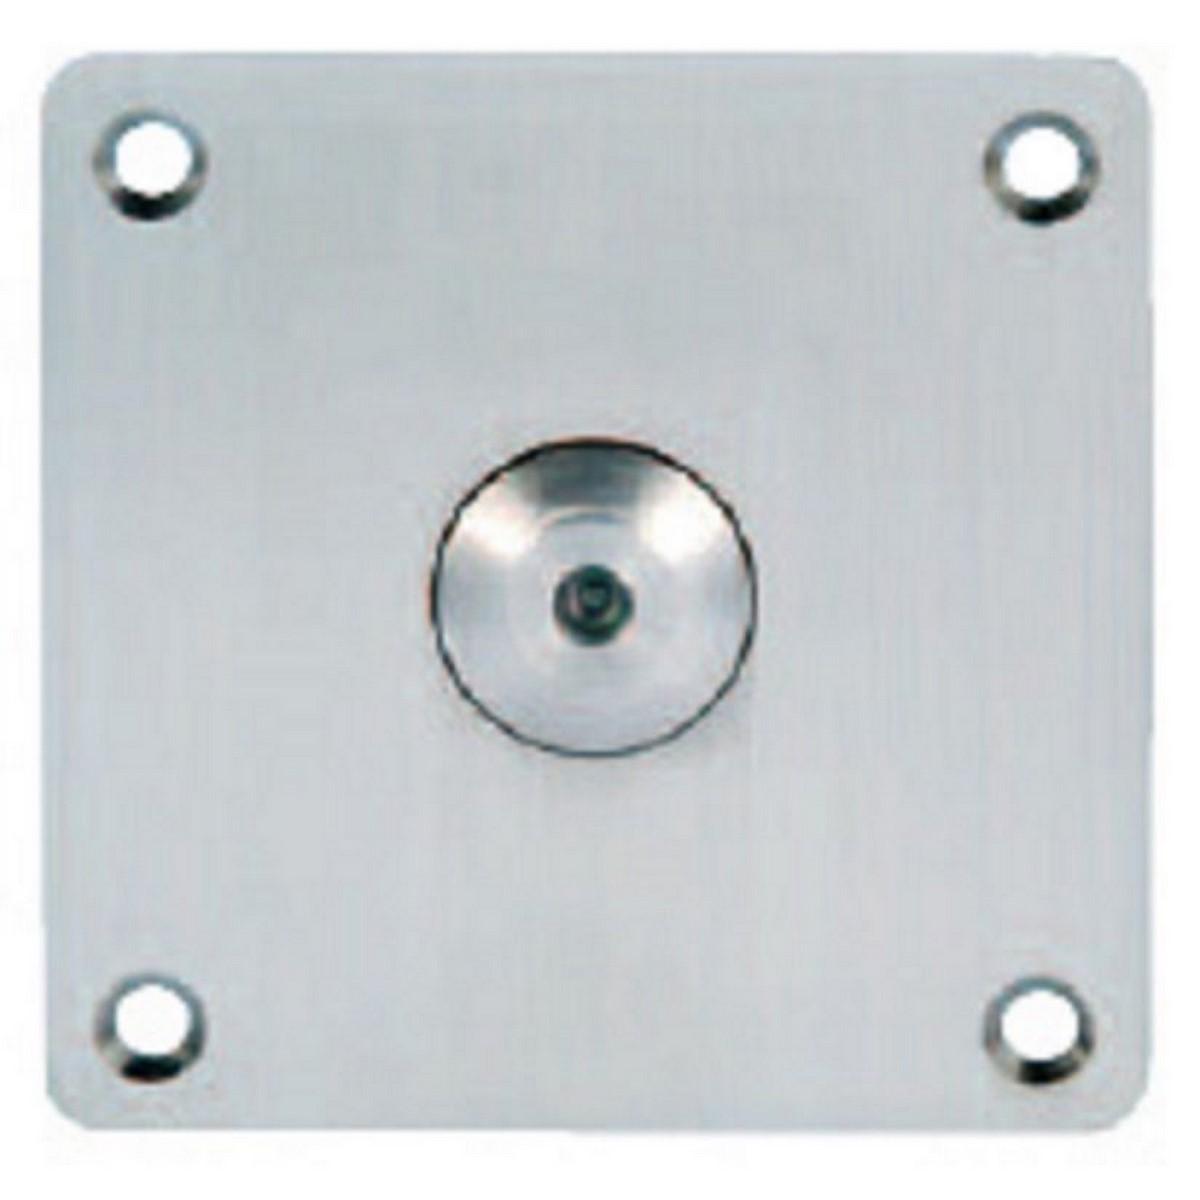 urmet 9800l220 bouton poussoir inox de commande. Black Bedroom Furniture Sets. Home Design Ideas